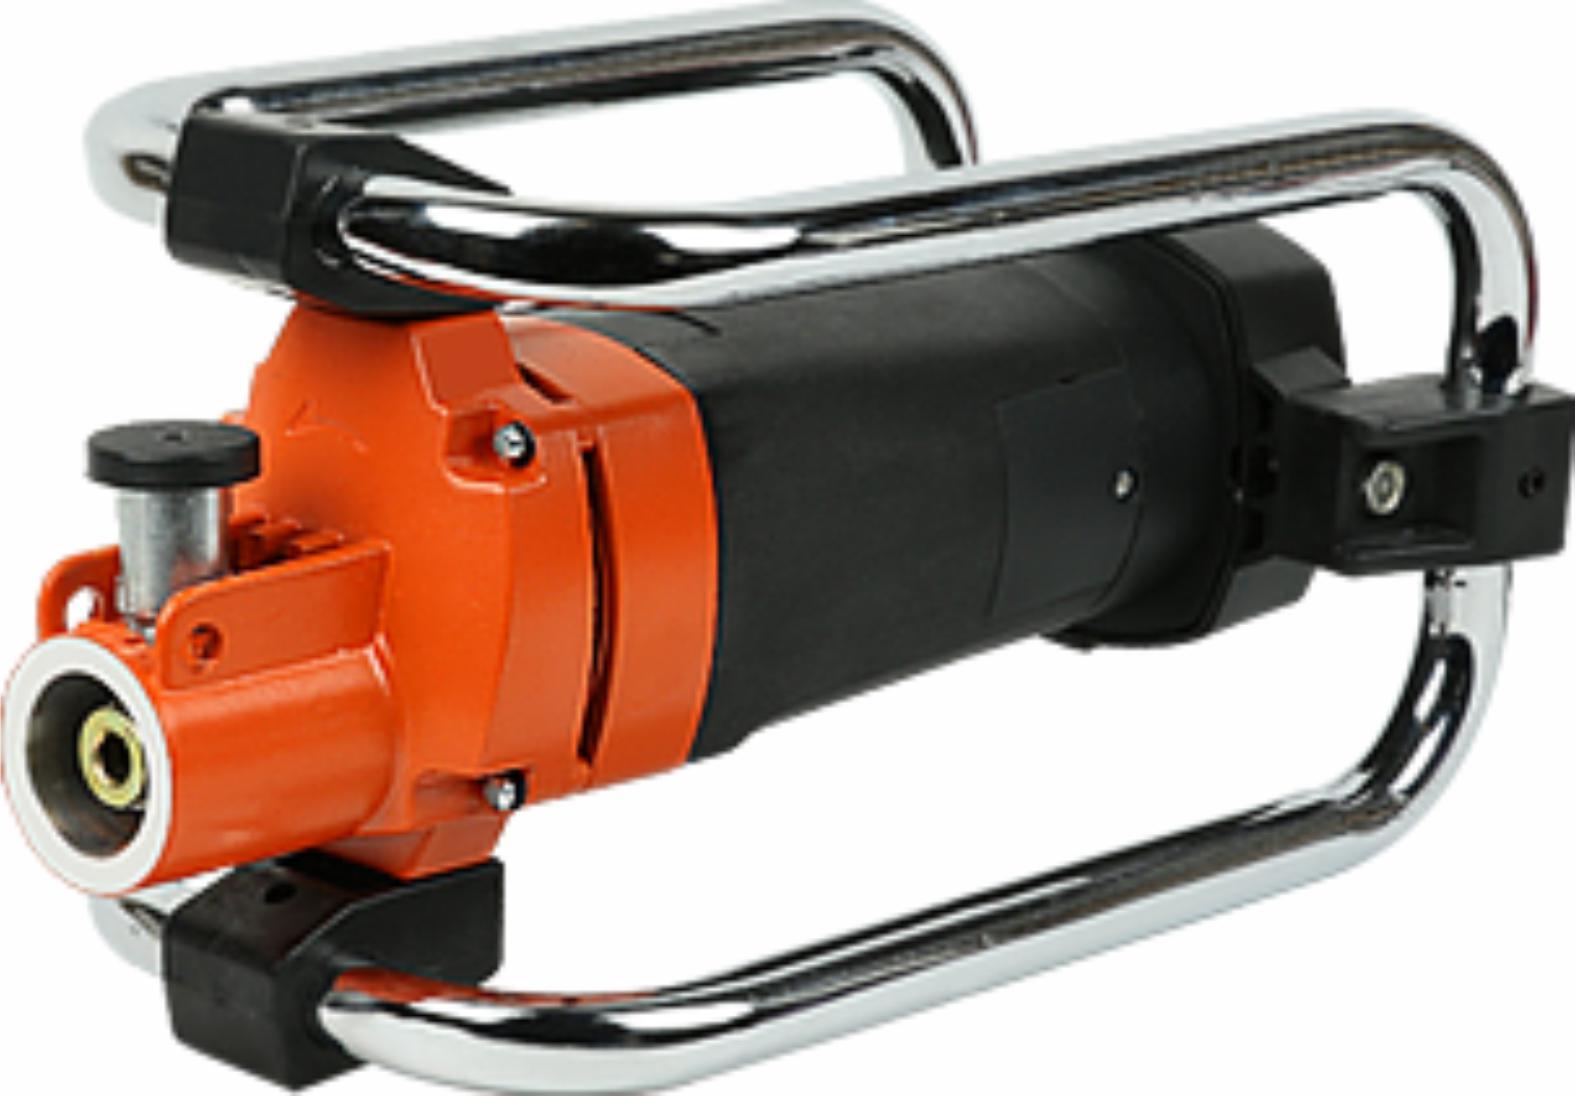 Привод Samsan Kvm 2300 лезвие для виброрейки samsan 4300 мм